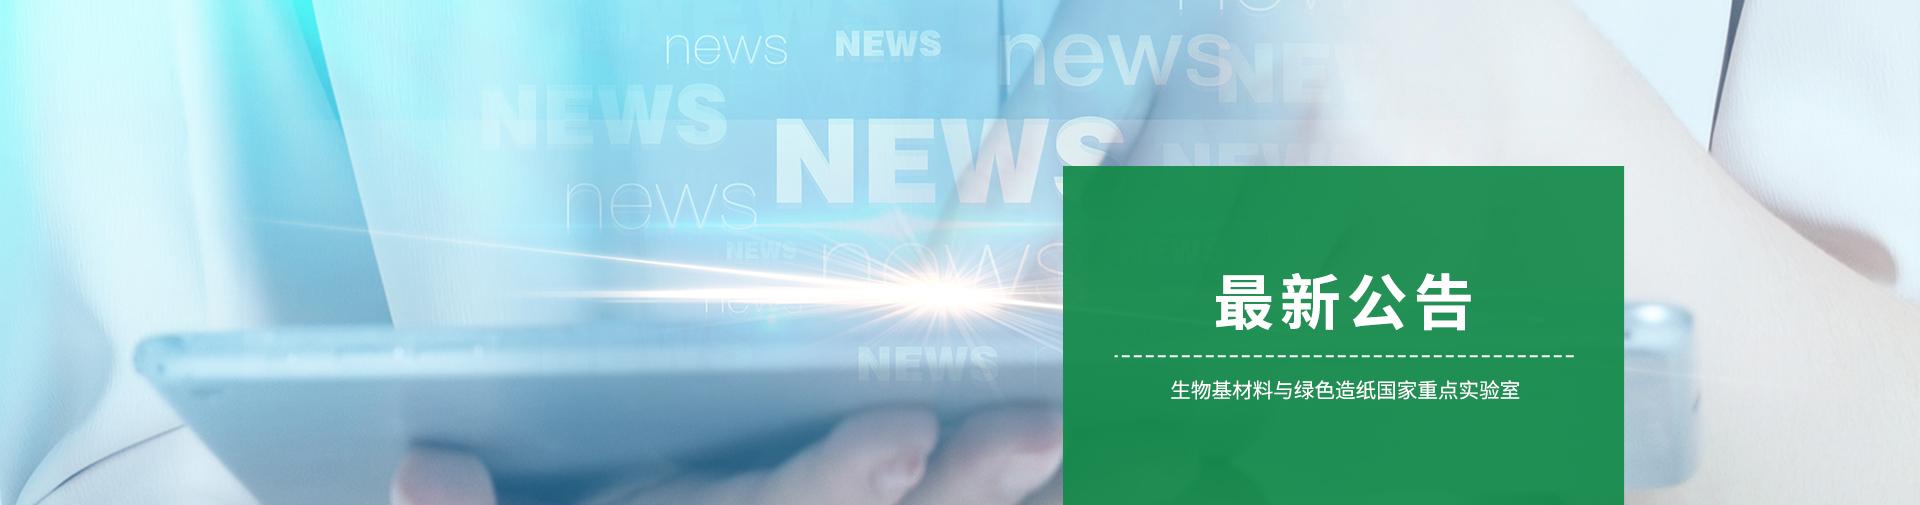 生物基材料与绿色造纸国家重点实验室 2021年硕士研究生预调剂通知